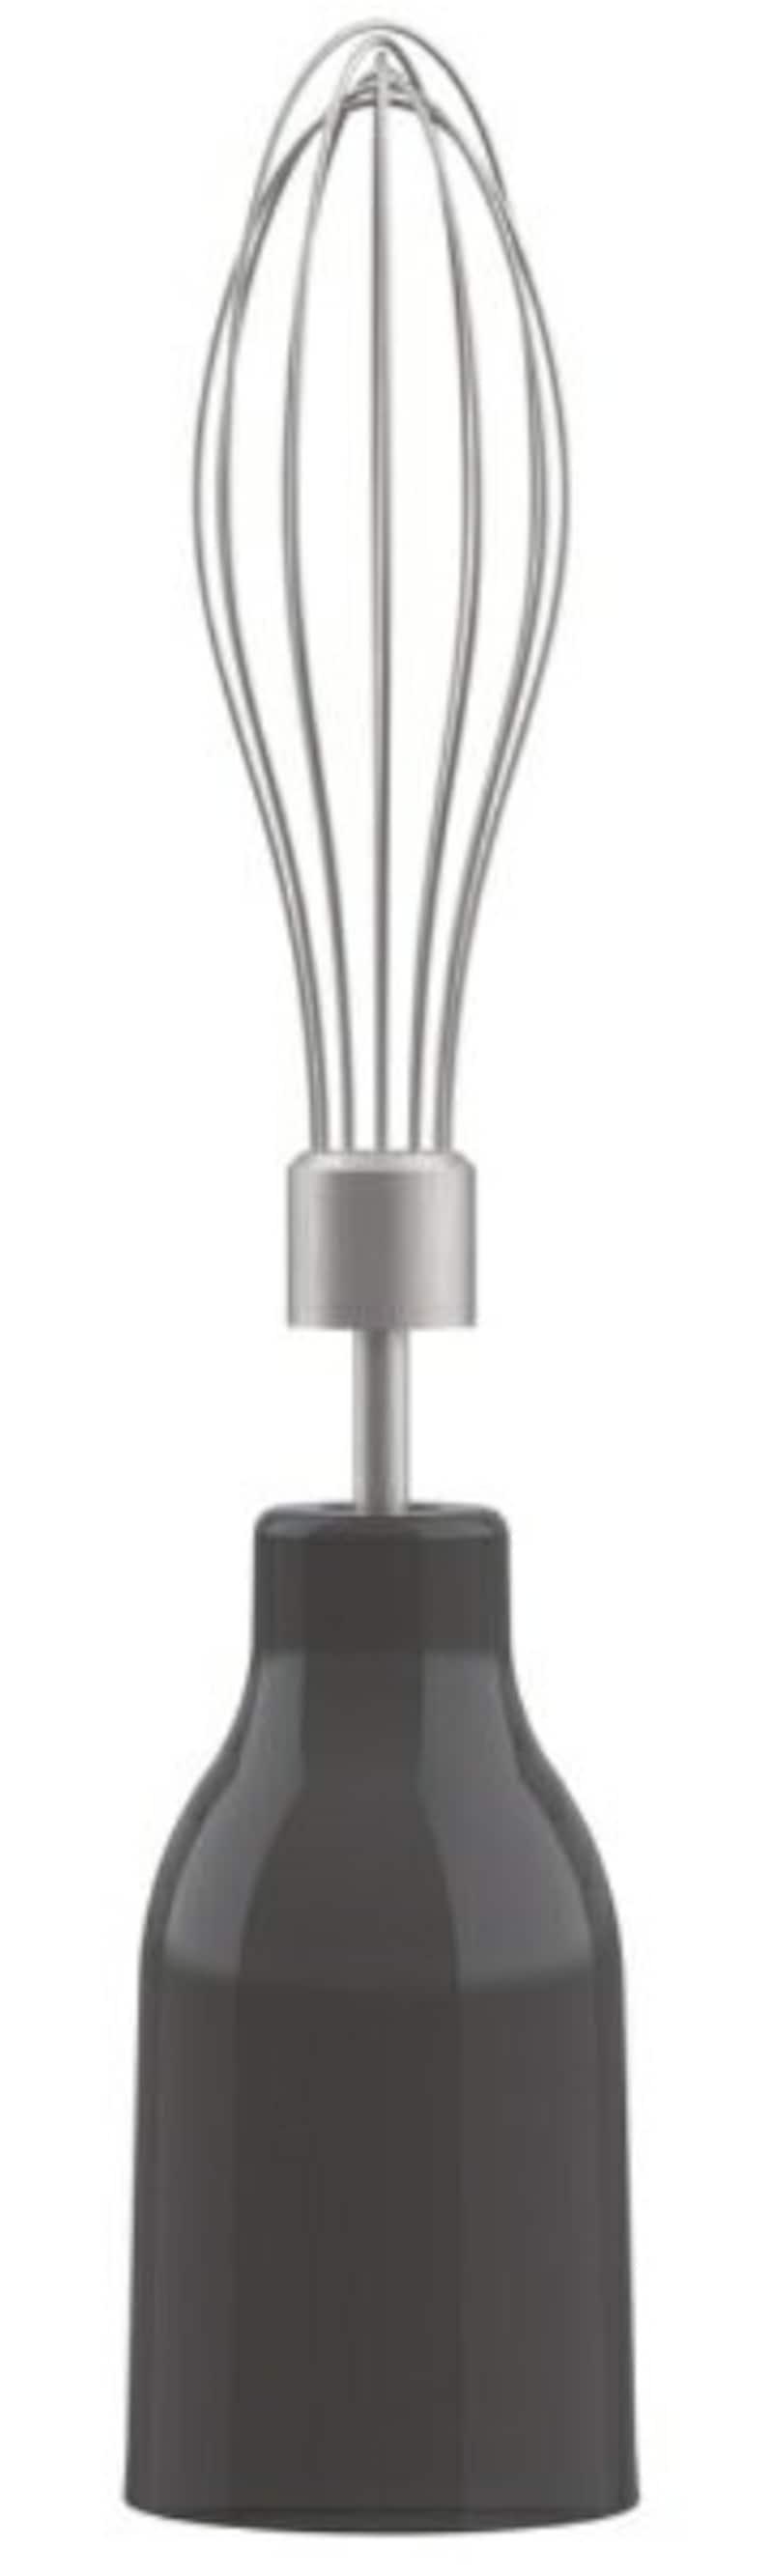 ティファール(T-FAL),ハンドブレンダーベビーマルチ,HB65H8JP